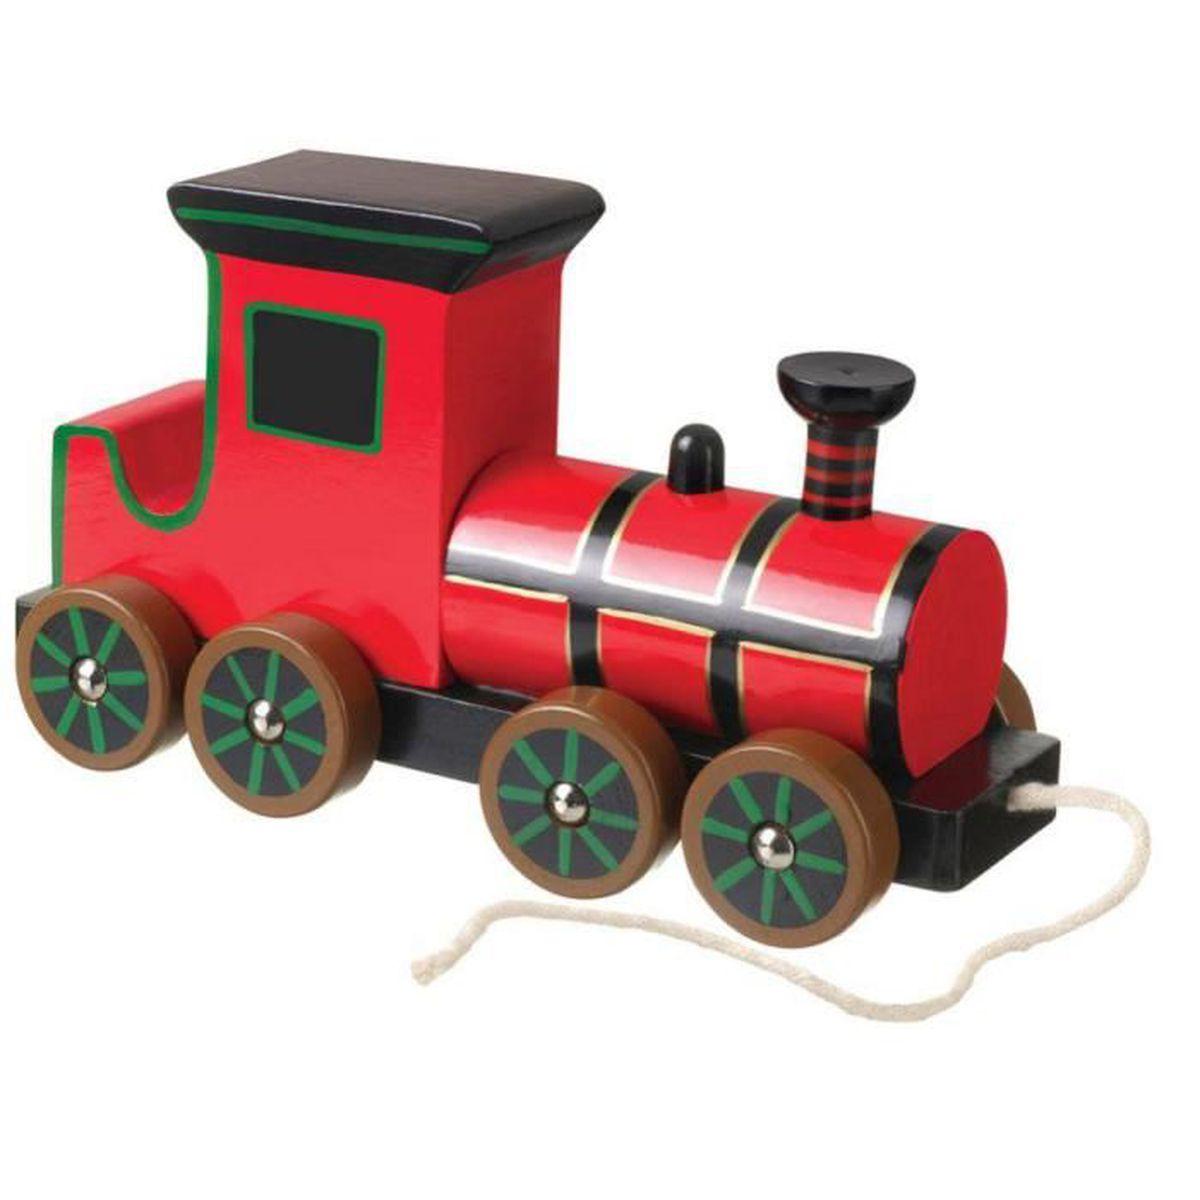 JOUET À TIRER Orange Tree Toys Jouet A Tirer Train A Vapeur